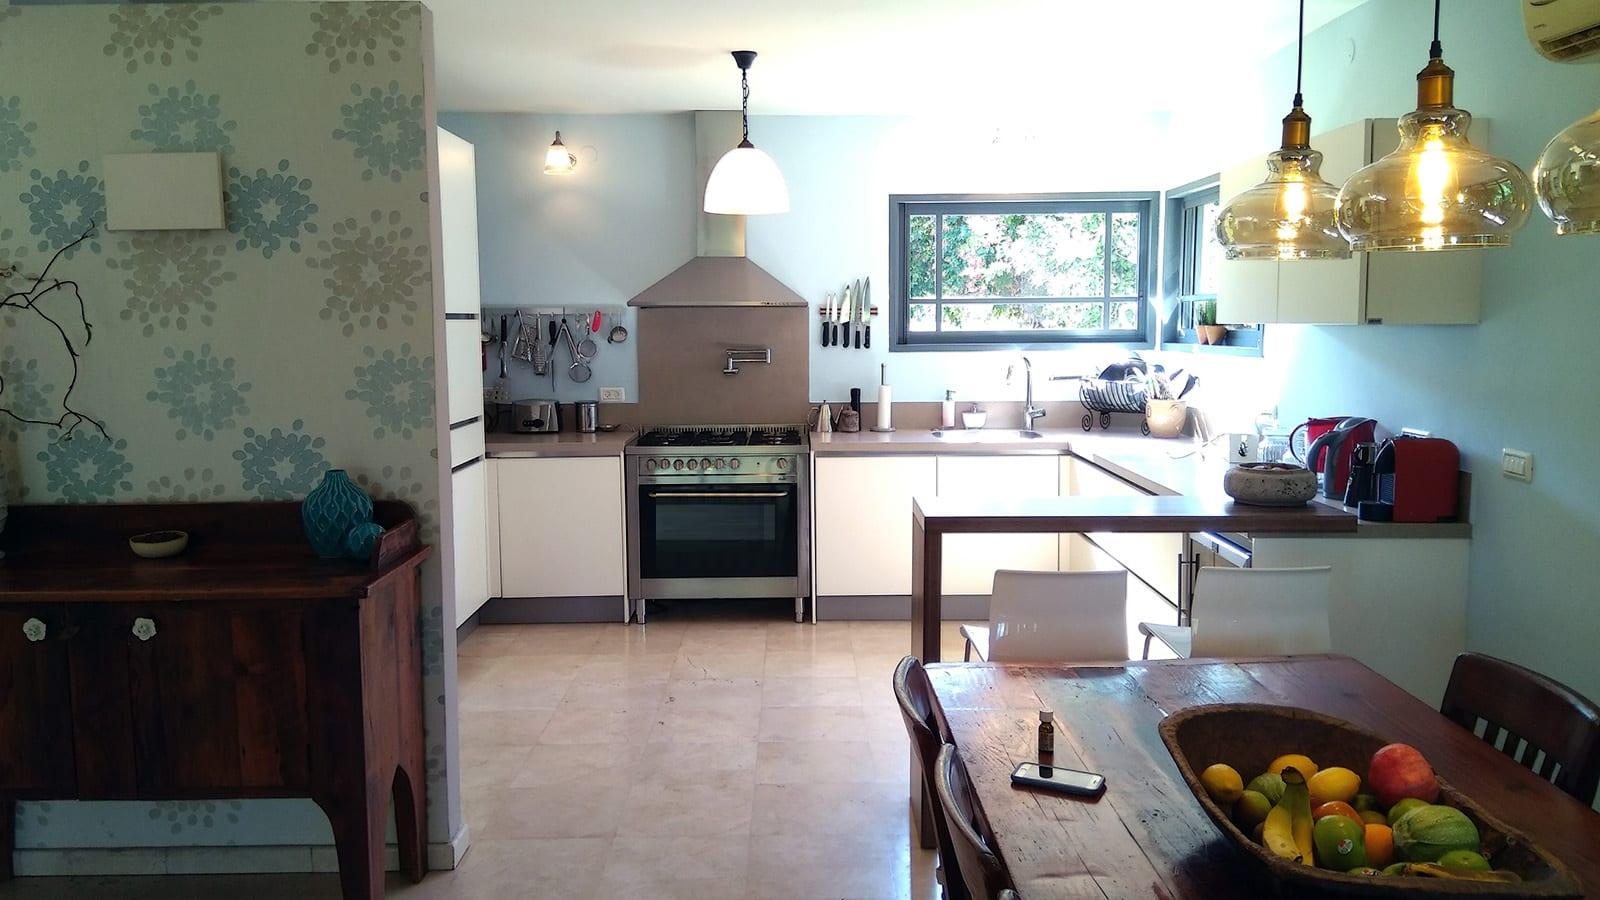 המטבח עם התנור והמאדה בבית על חצי דונם בקדימה בכפר